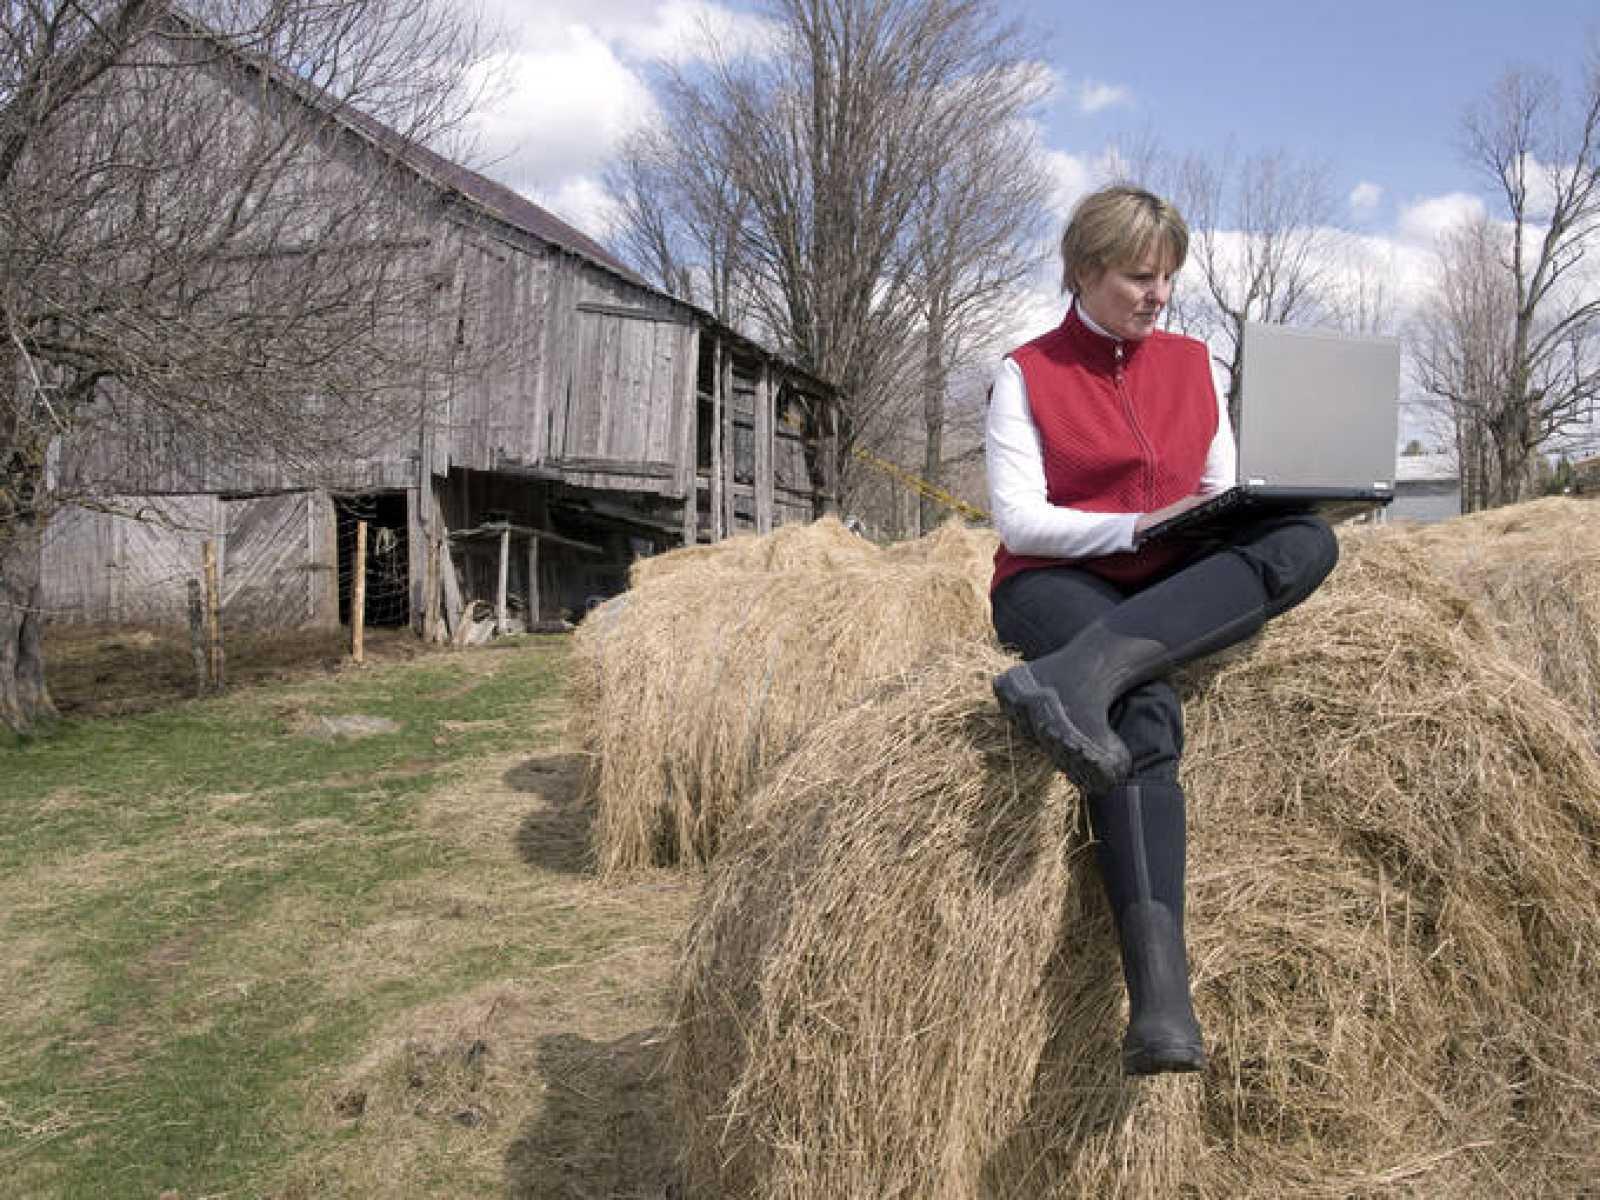 Mujer trabajando con un portátil en una granja.